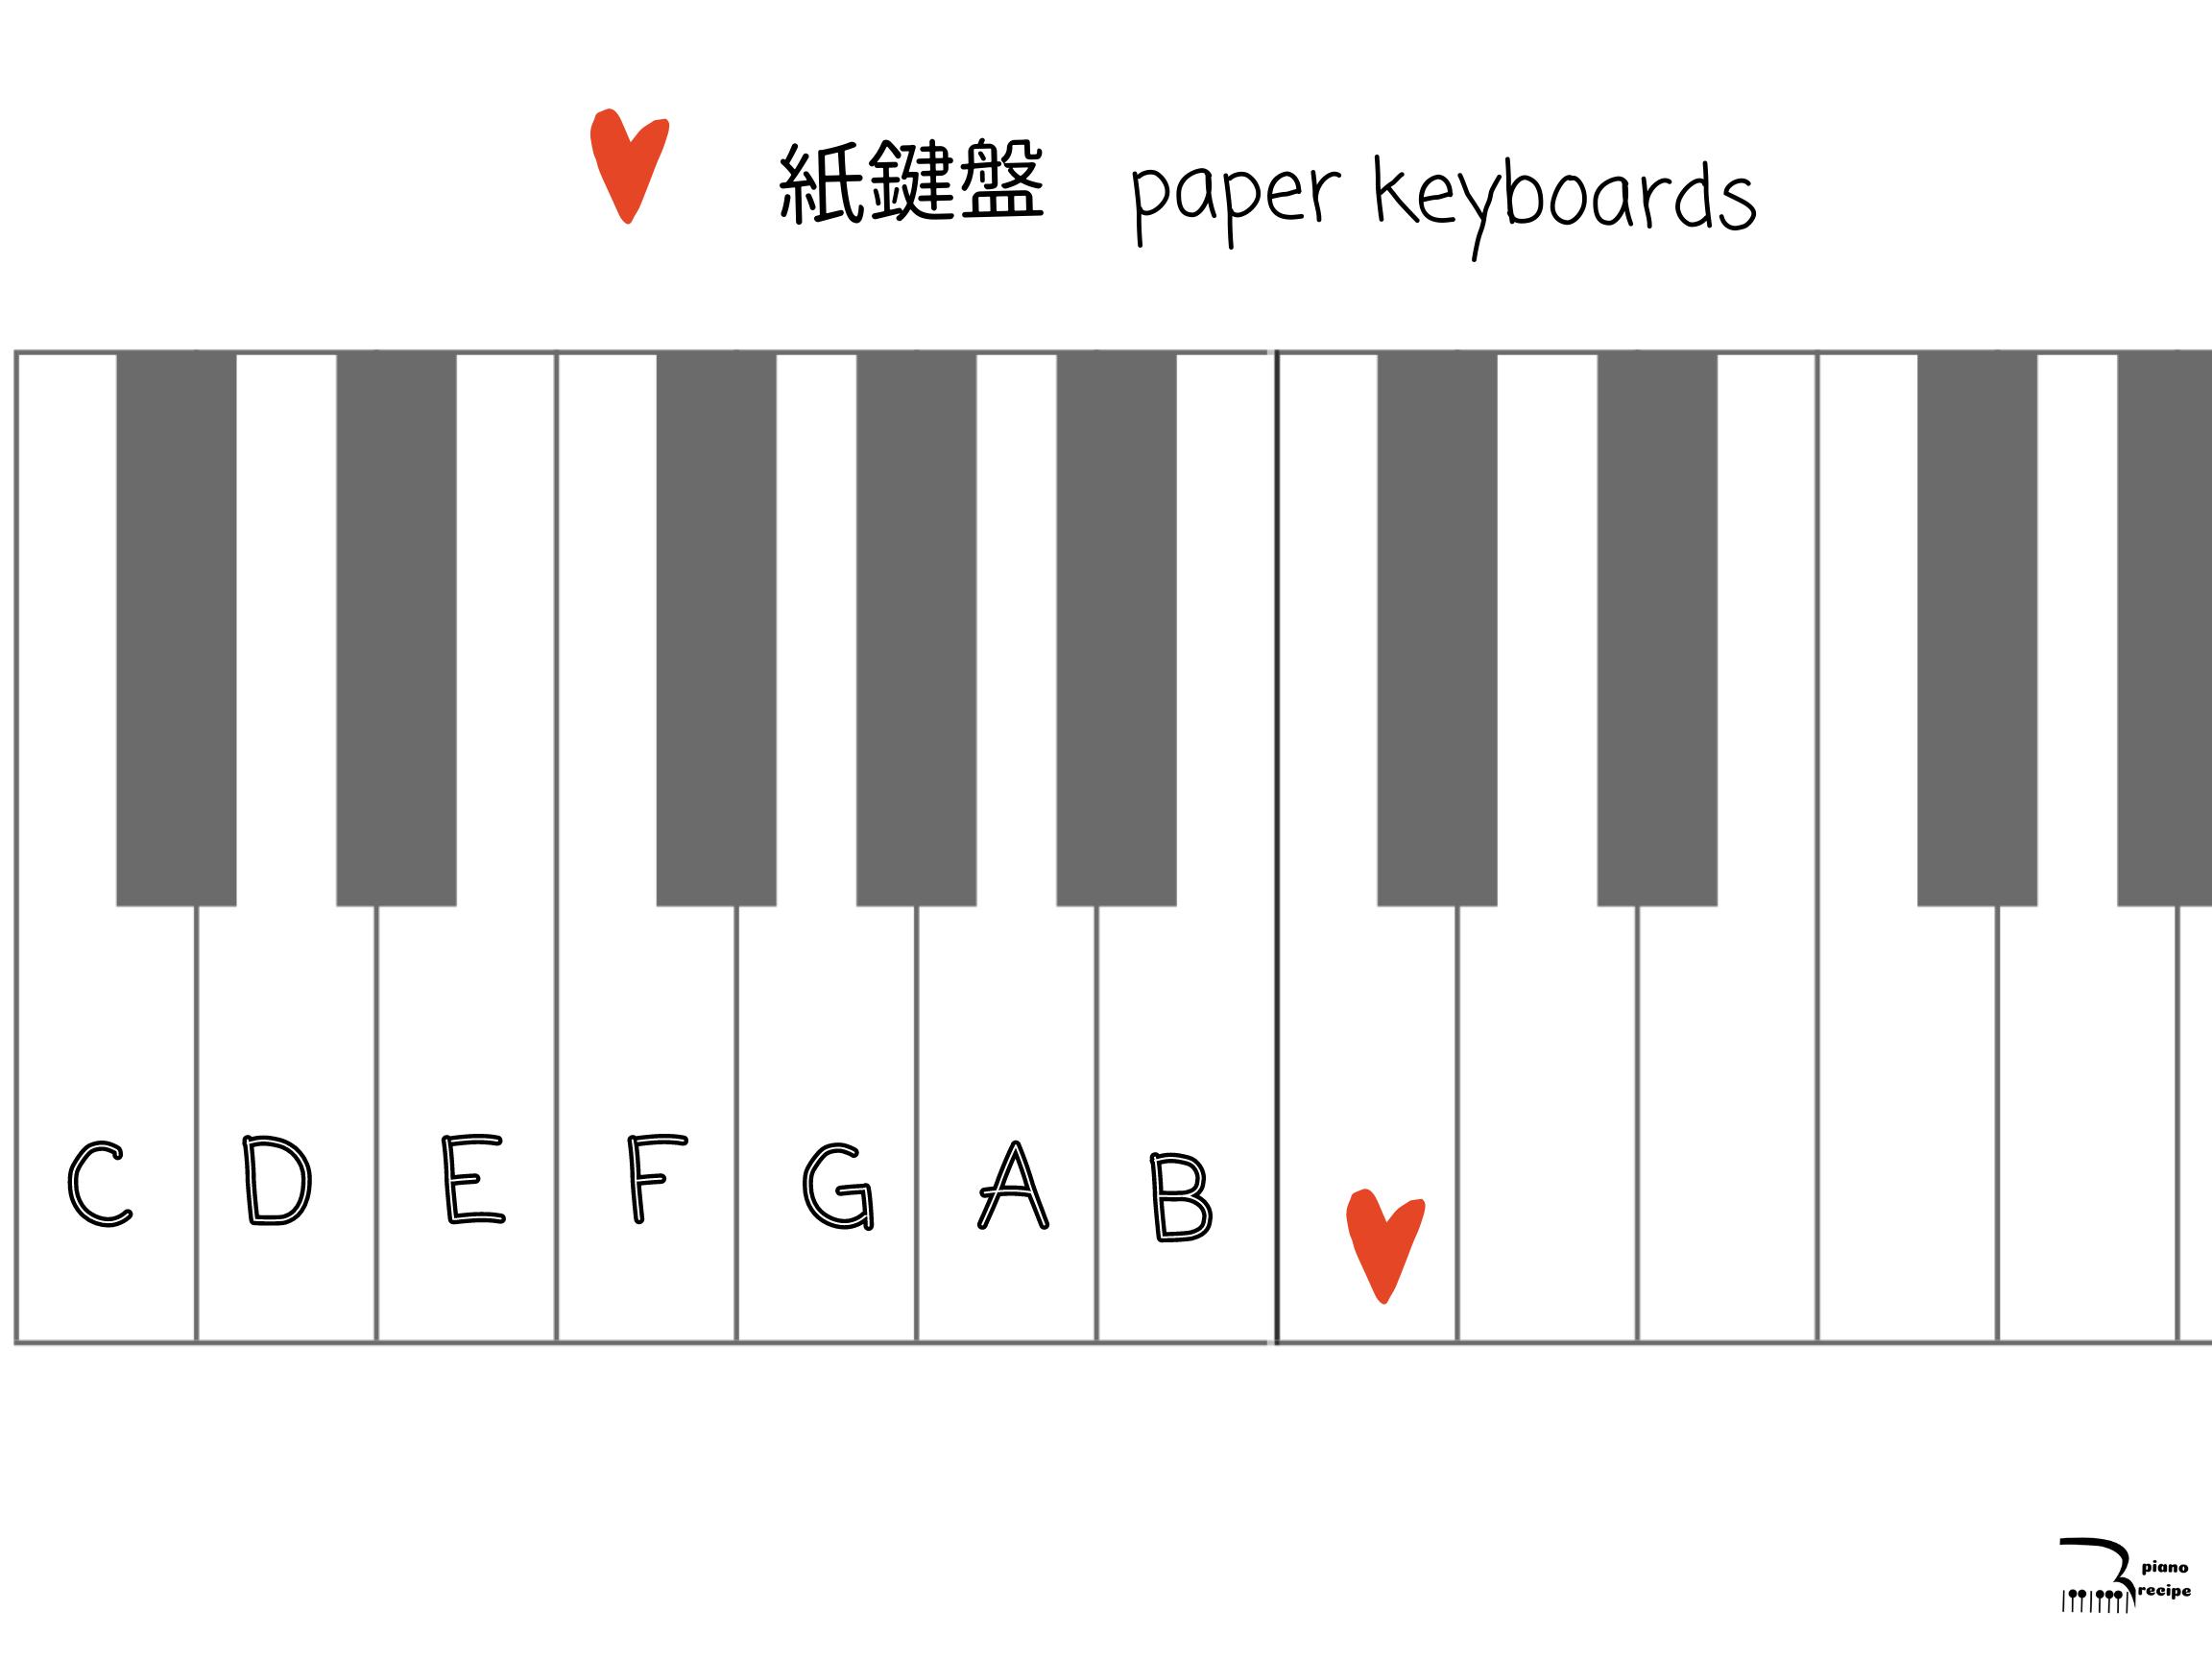 ピアノレシピ 紙鍵盤2